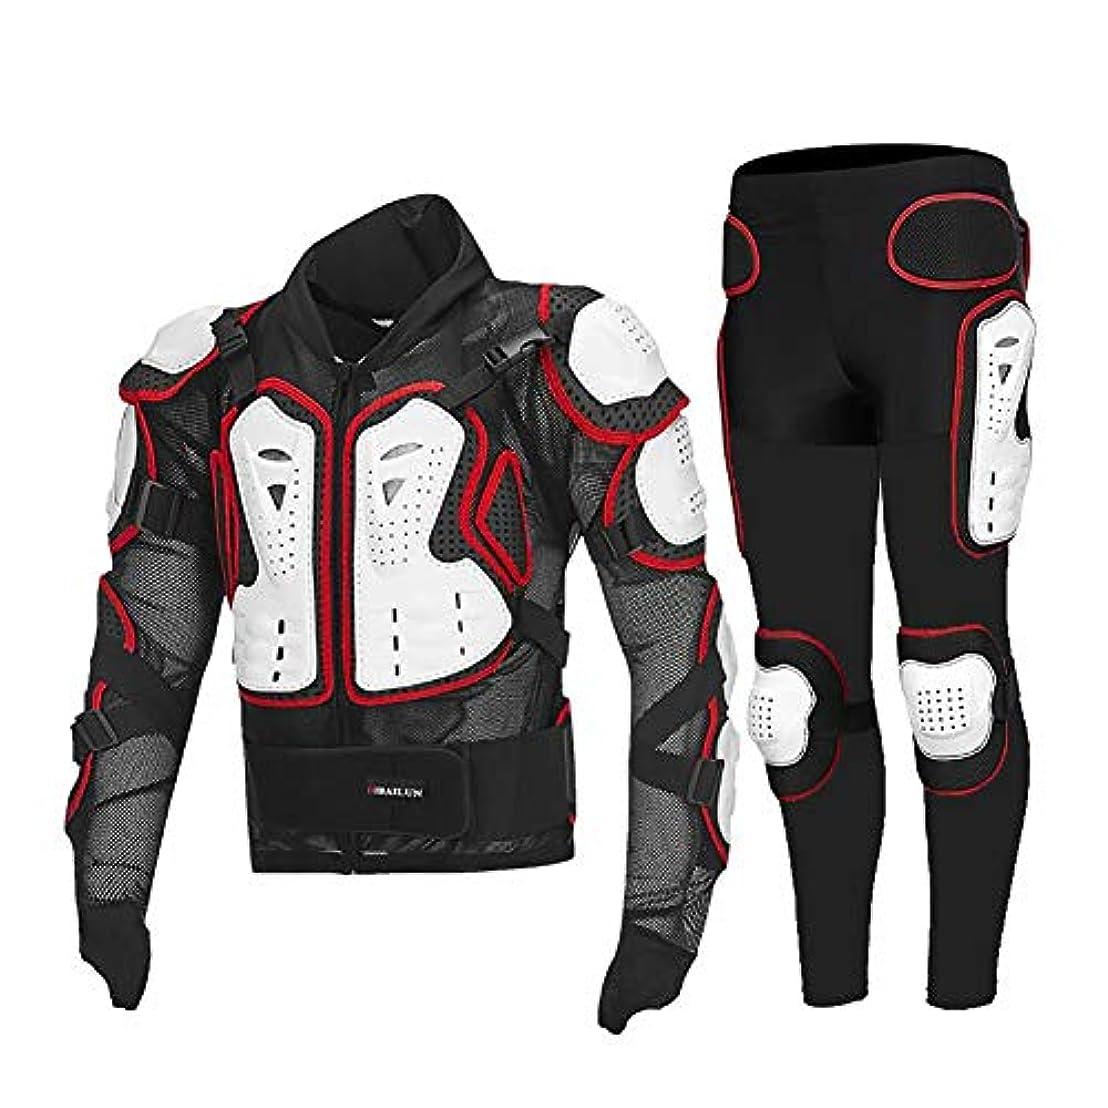 熱意八百屋さんメタンバイクプロテクションジャケット?パンツセット、フルボディアーマープロテクターサイクリング用スキーローラースケートアイススケートモトクロス